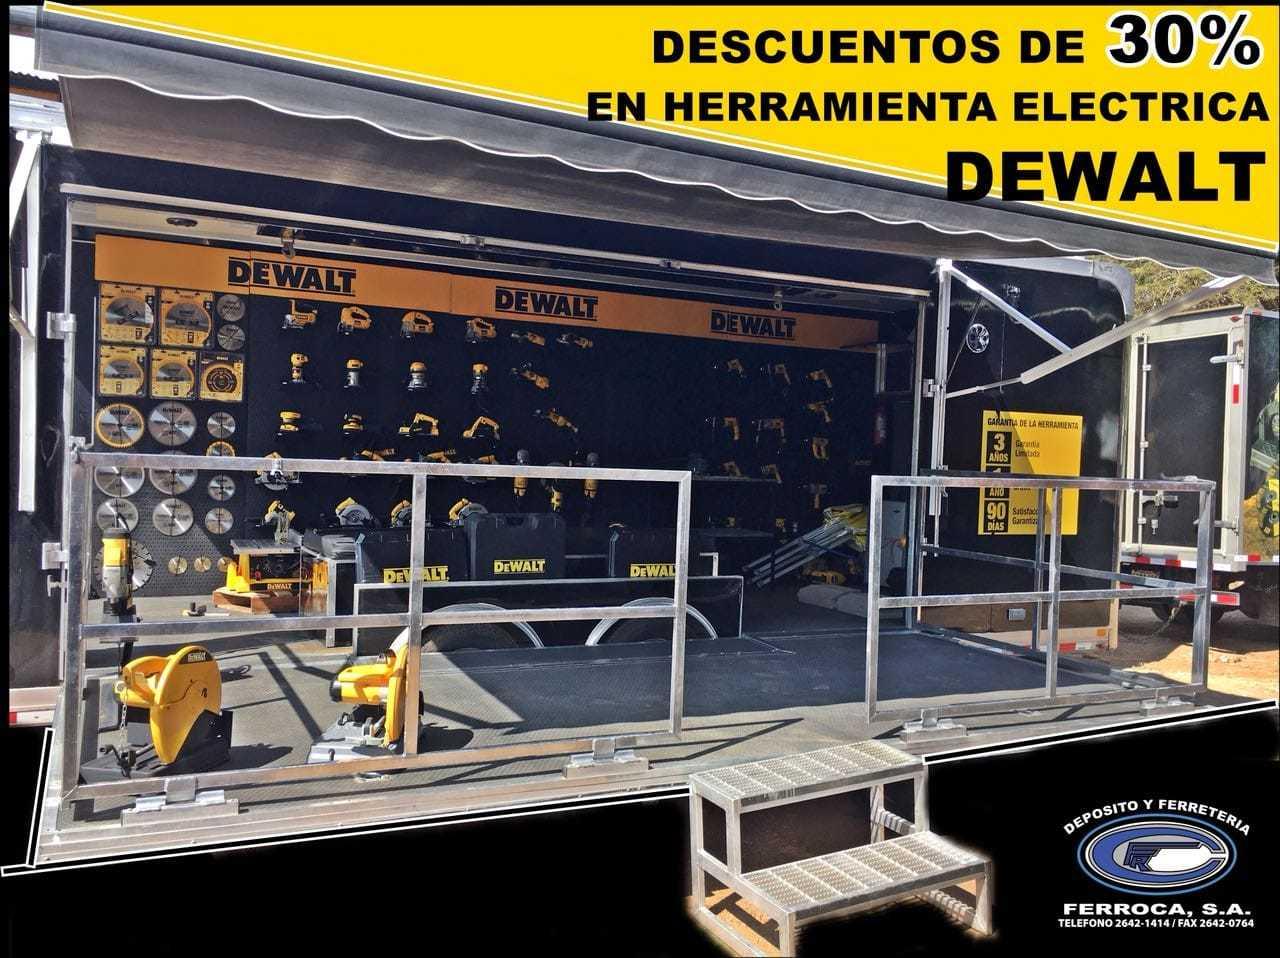 Amarillas-CR-Depósito-y-Ferretería-Ferroca-5